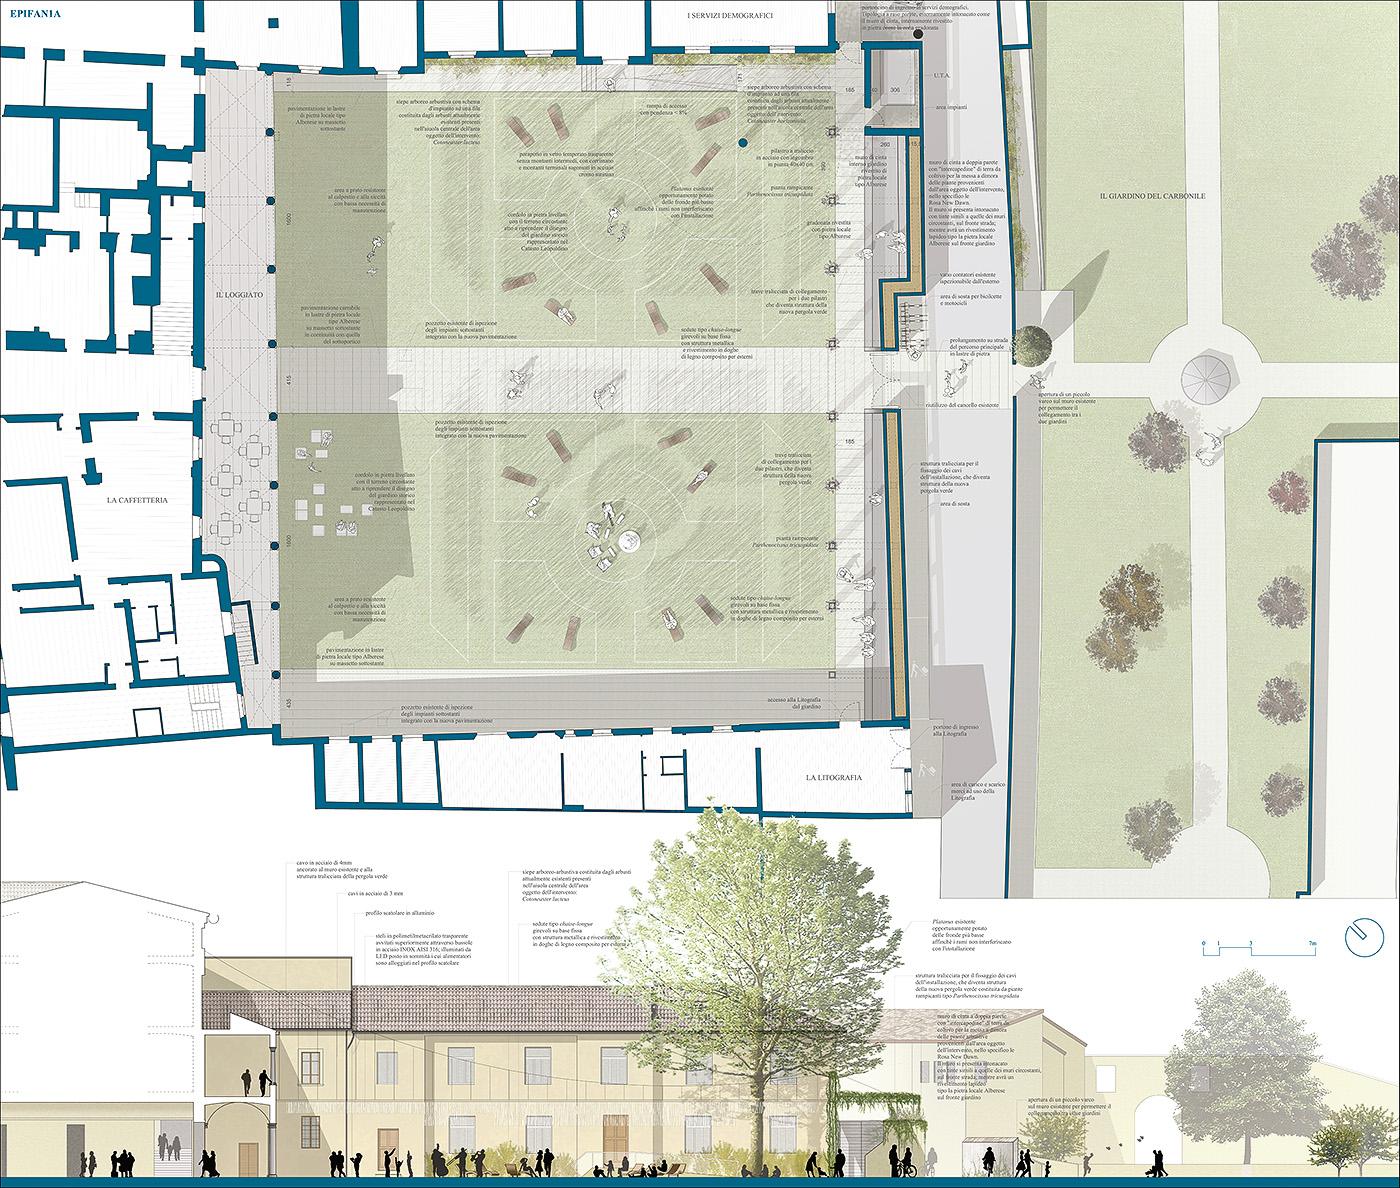 Una grande installazione sensoriale per il nuovo giardino di Palazzo Fabroni a Pistoia. Pianta e sezione | Bottega di Architettura